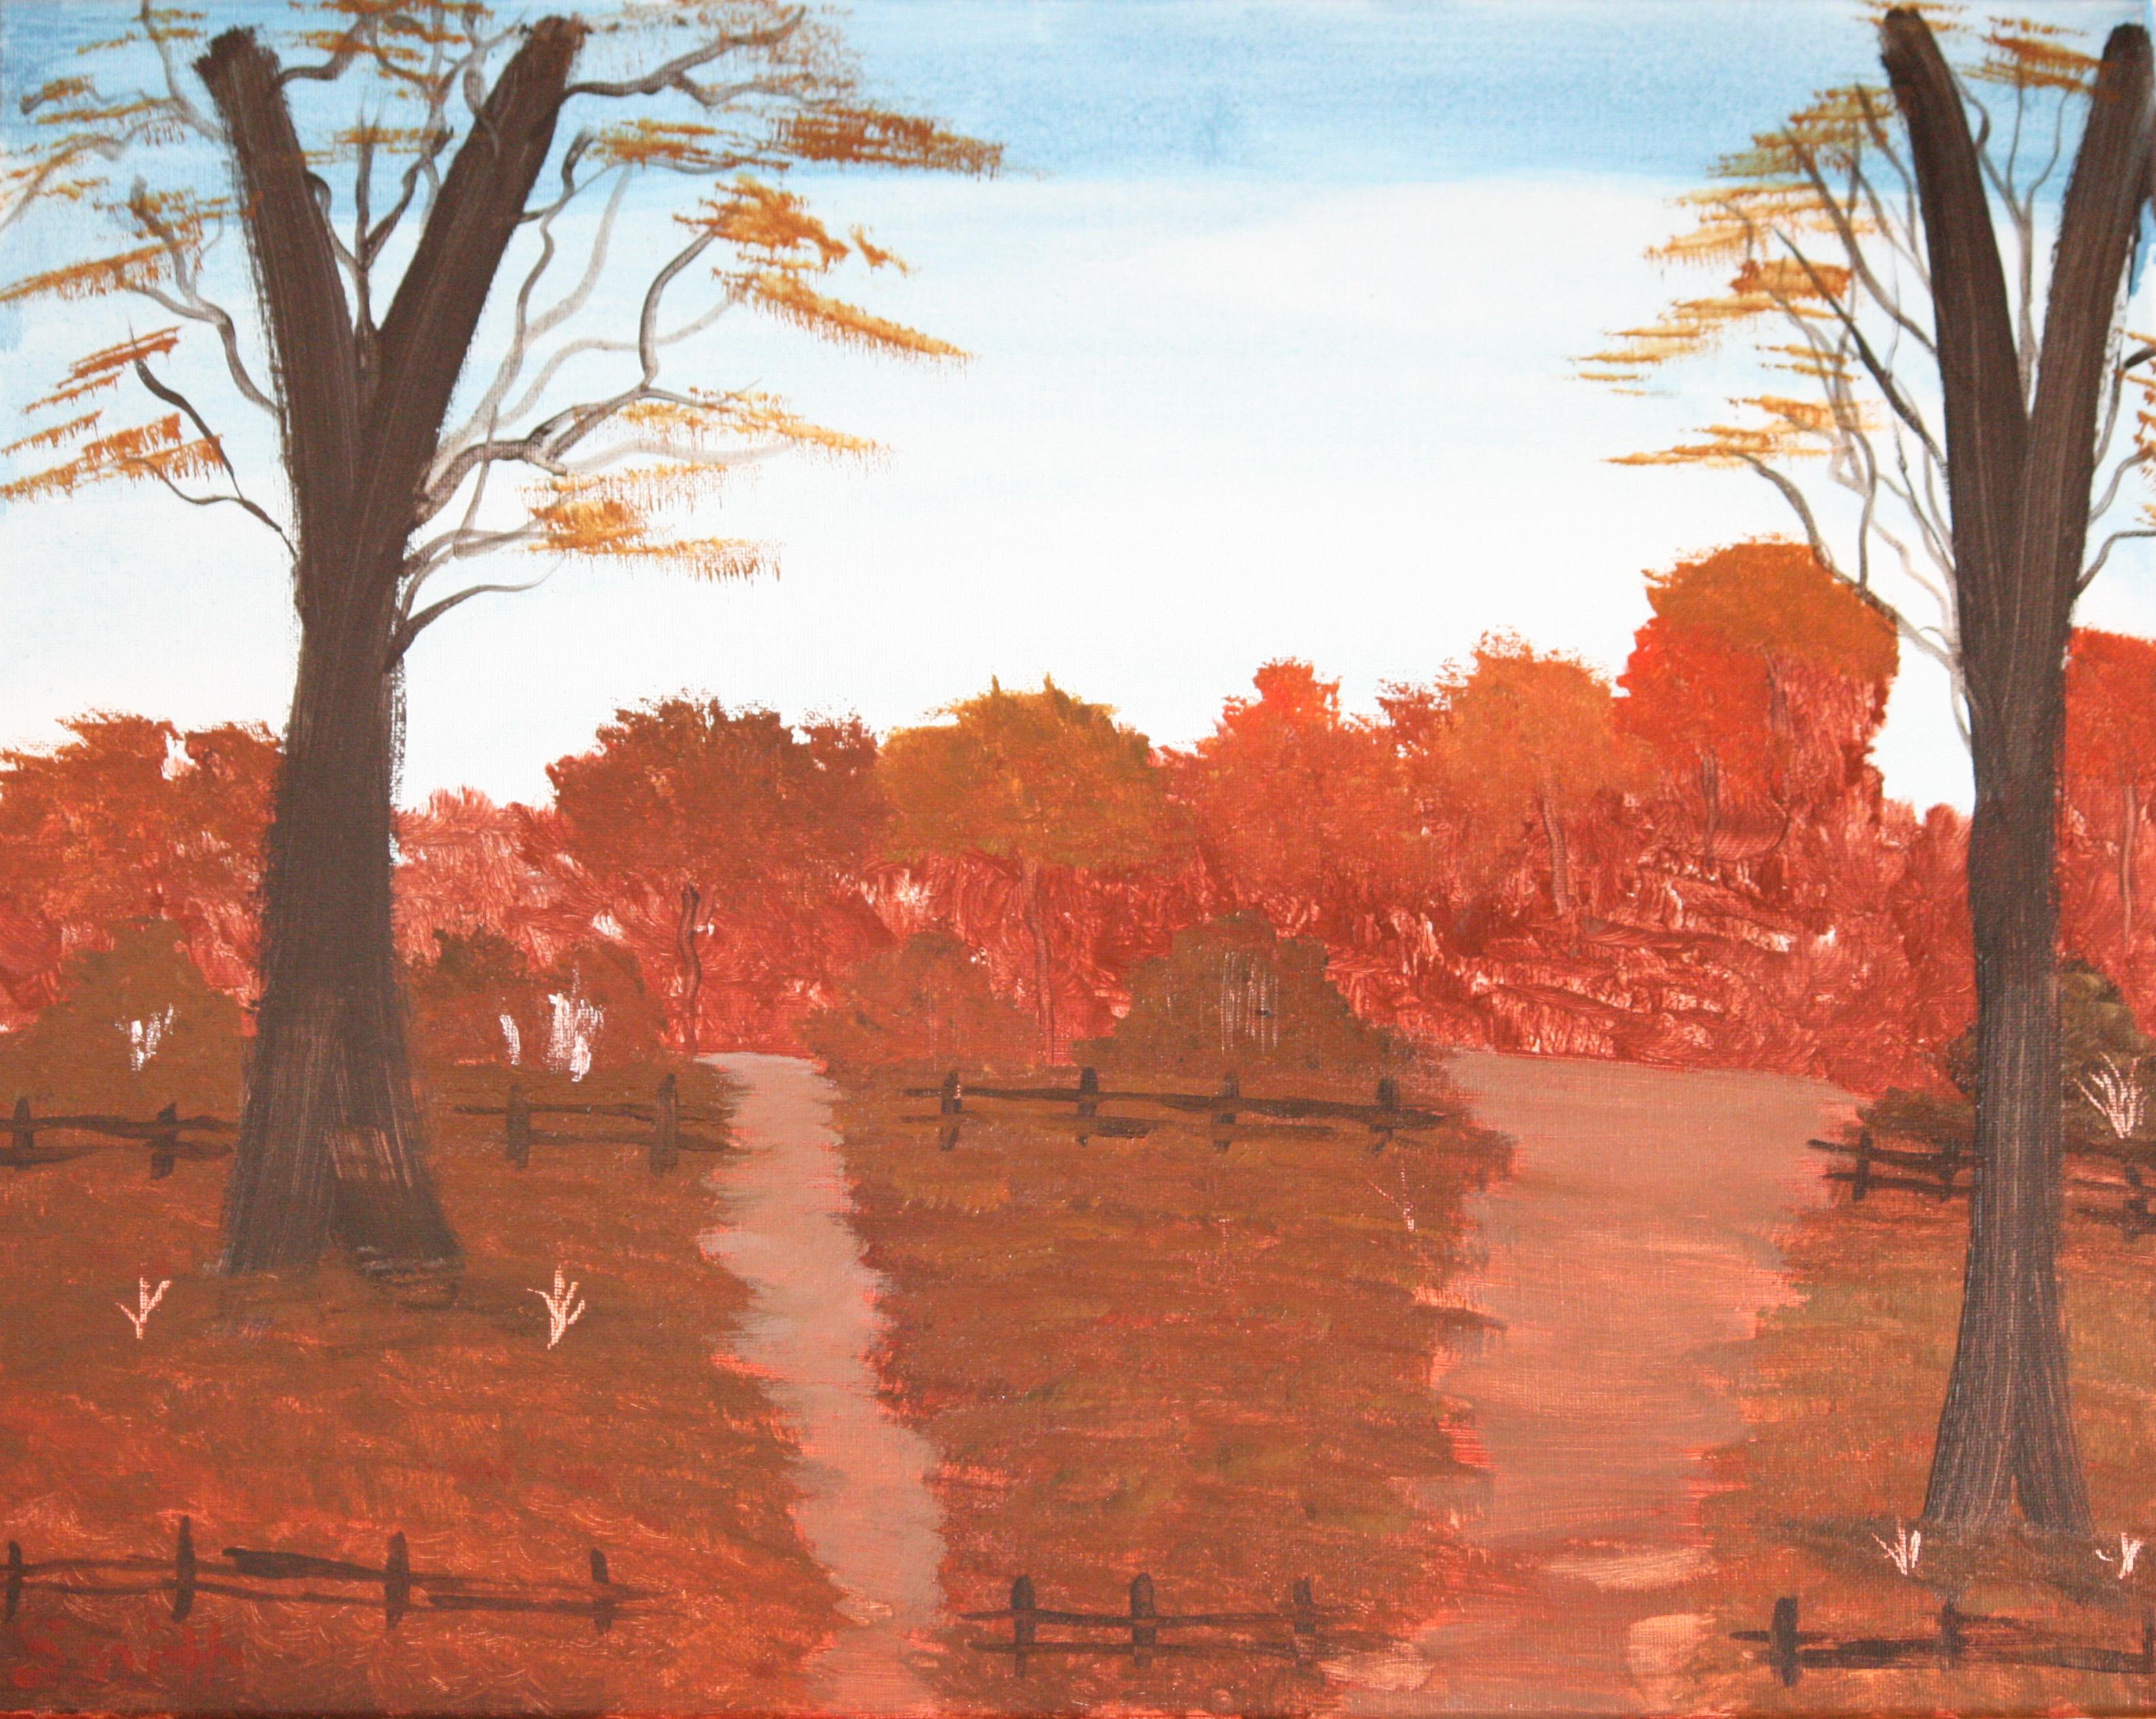 Rustic-Autumn